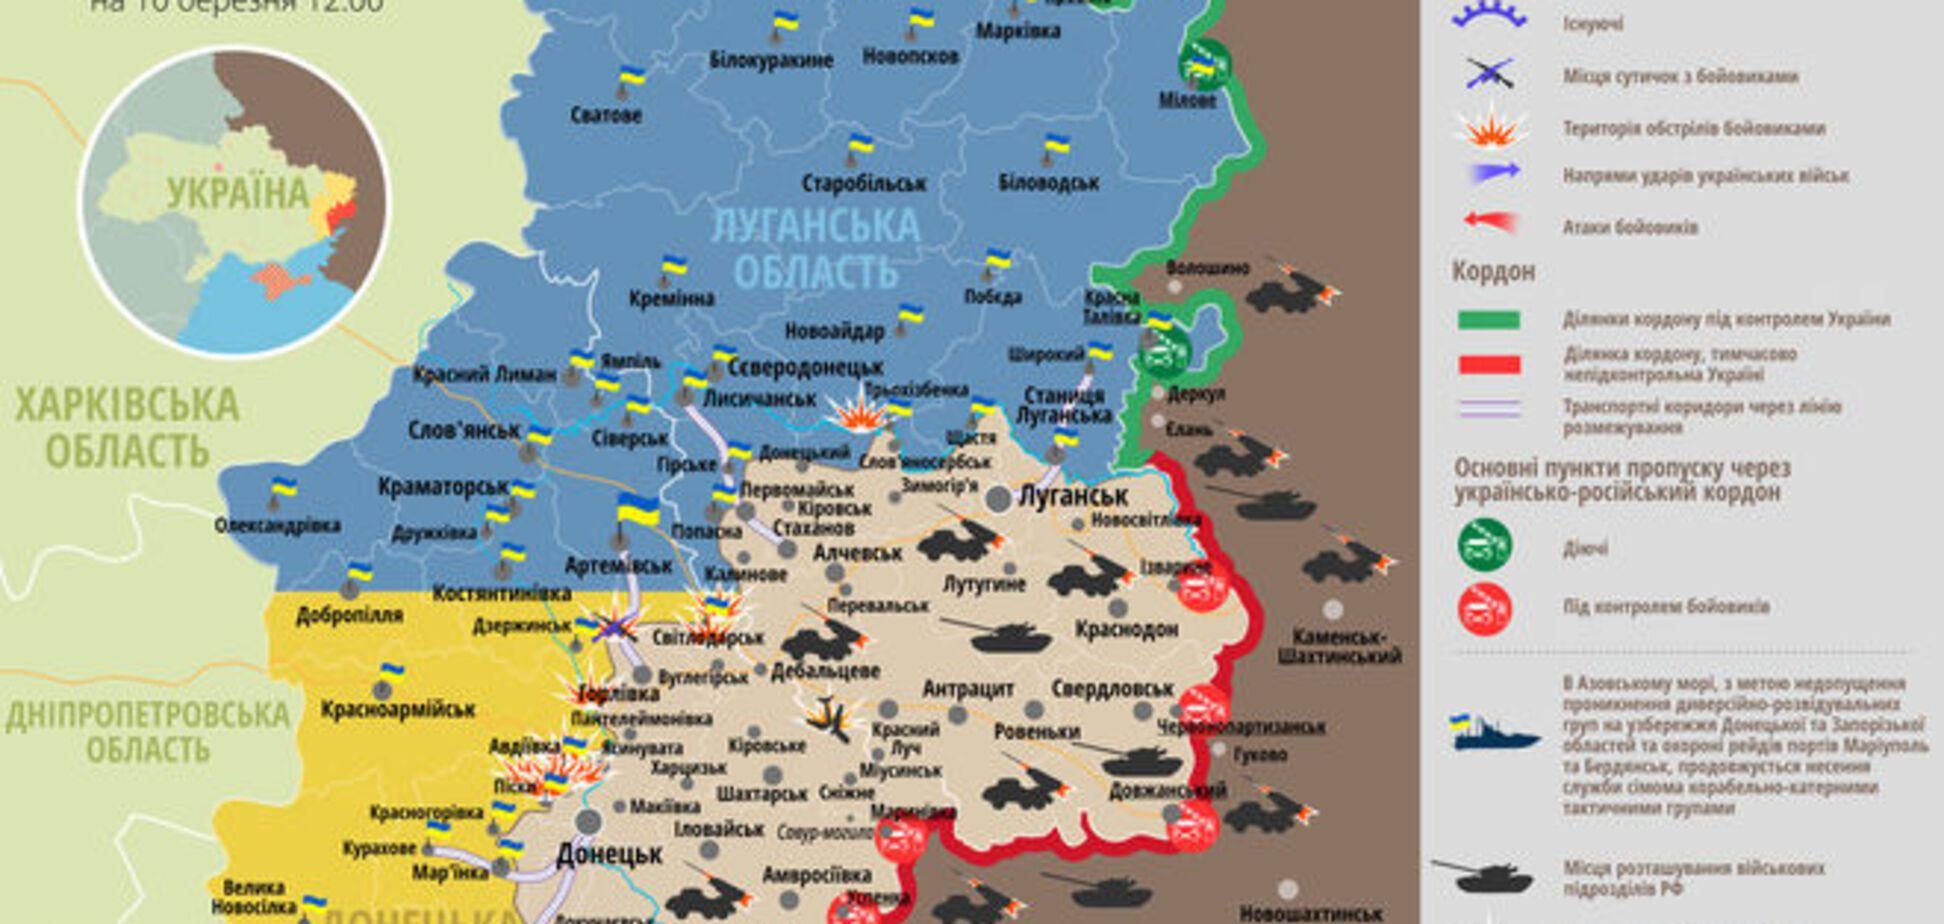 Россия стягивает на Донбасс тяжелую технику и готовит террористов к наступлению: карта АТО